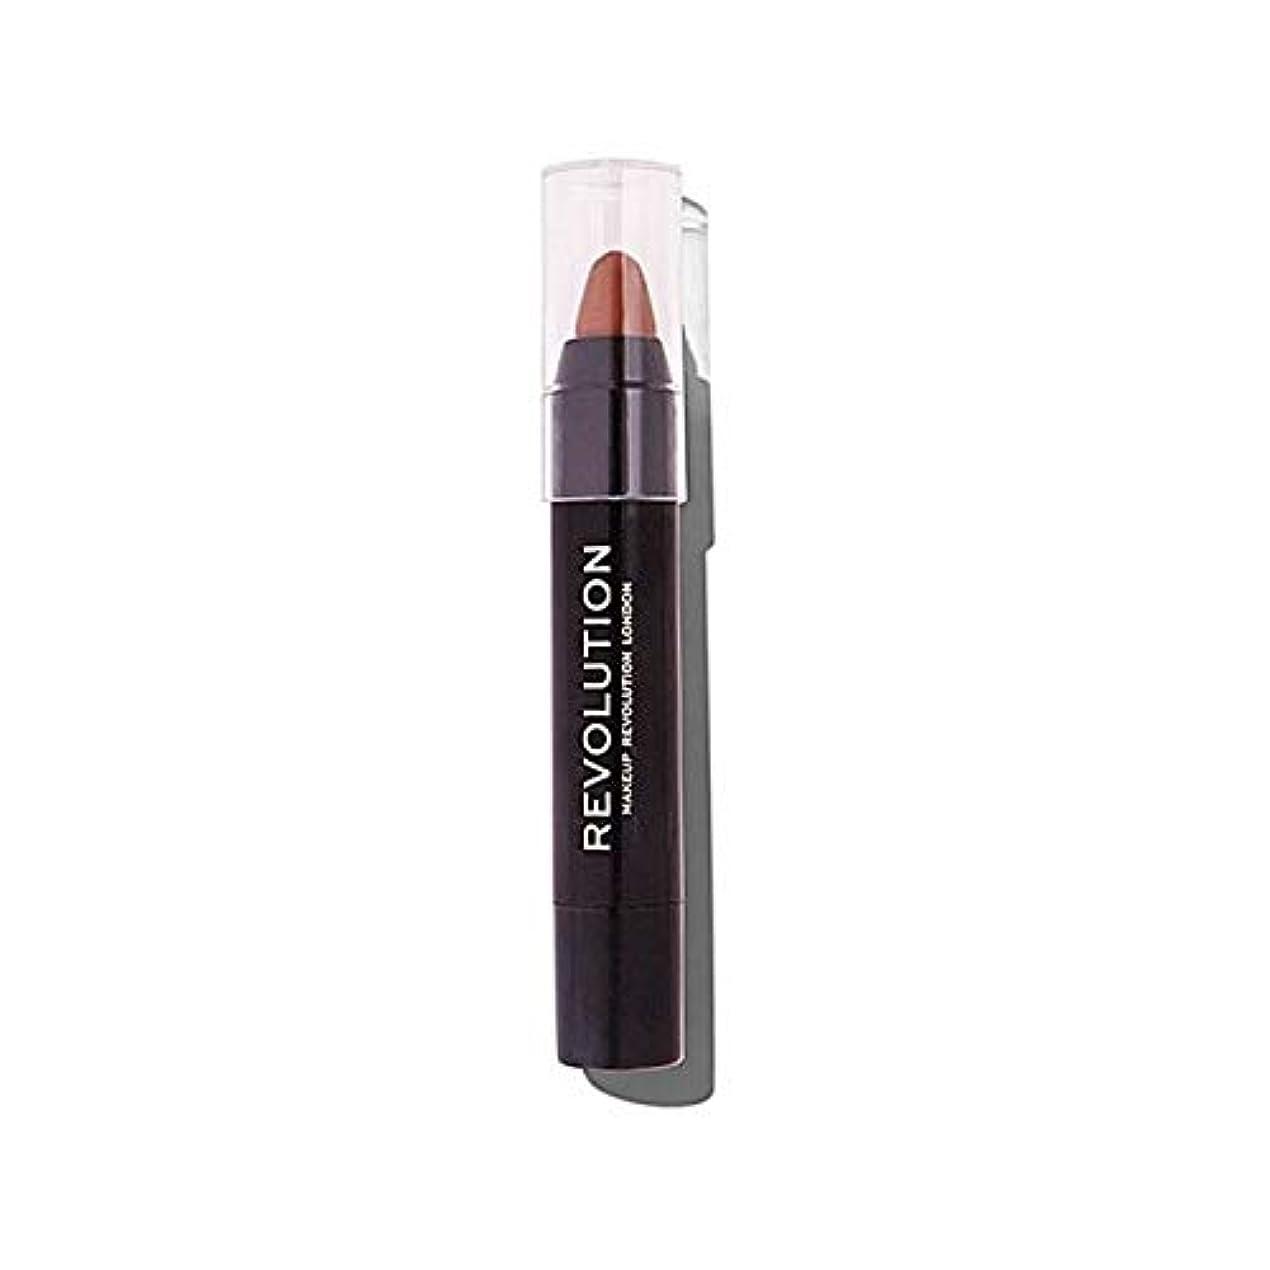 財団前件スタウト[Hair Revolution ] 化粧革命のルートスティックライトブラウンをカバー - Makeup Revolution Root Cover Up Stick Light Brown [並行輸入品]